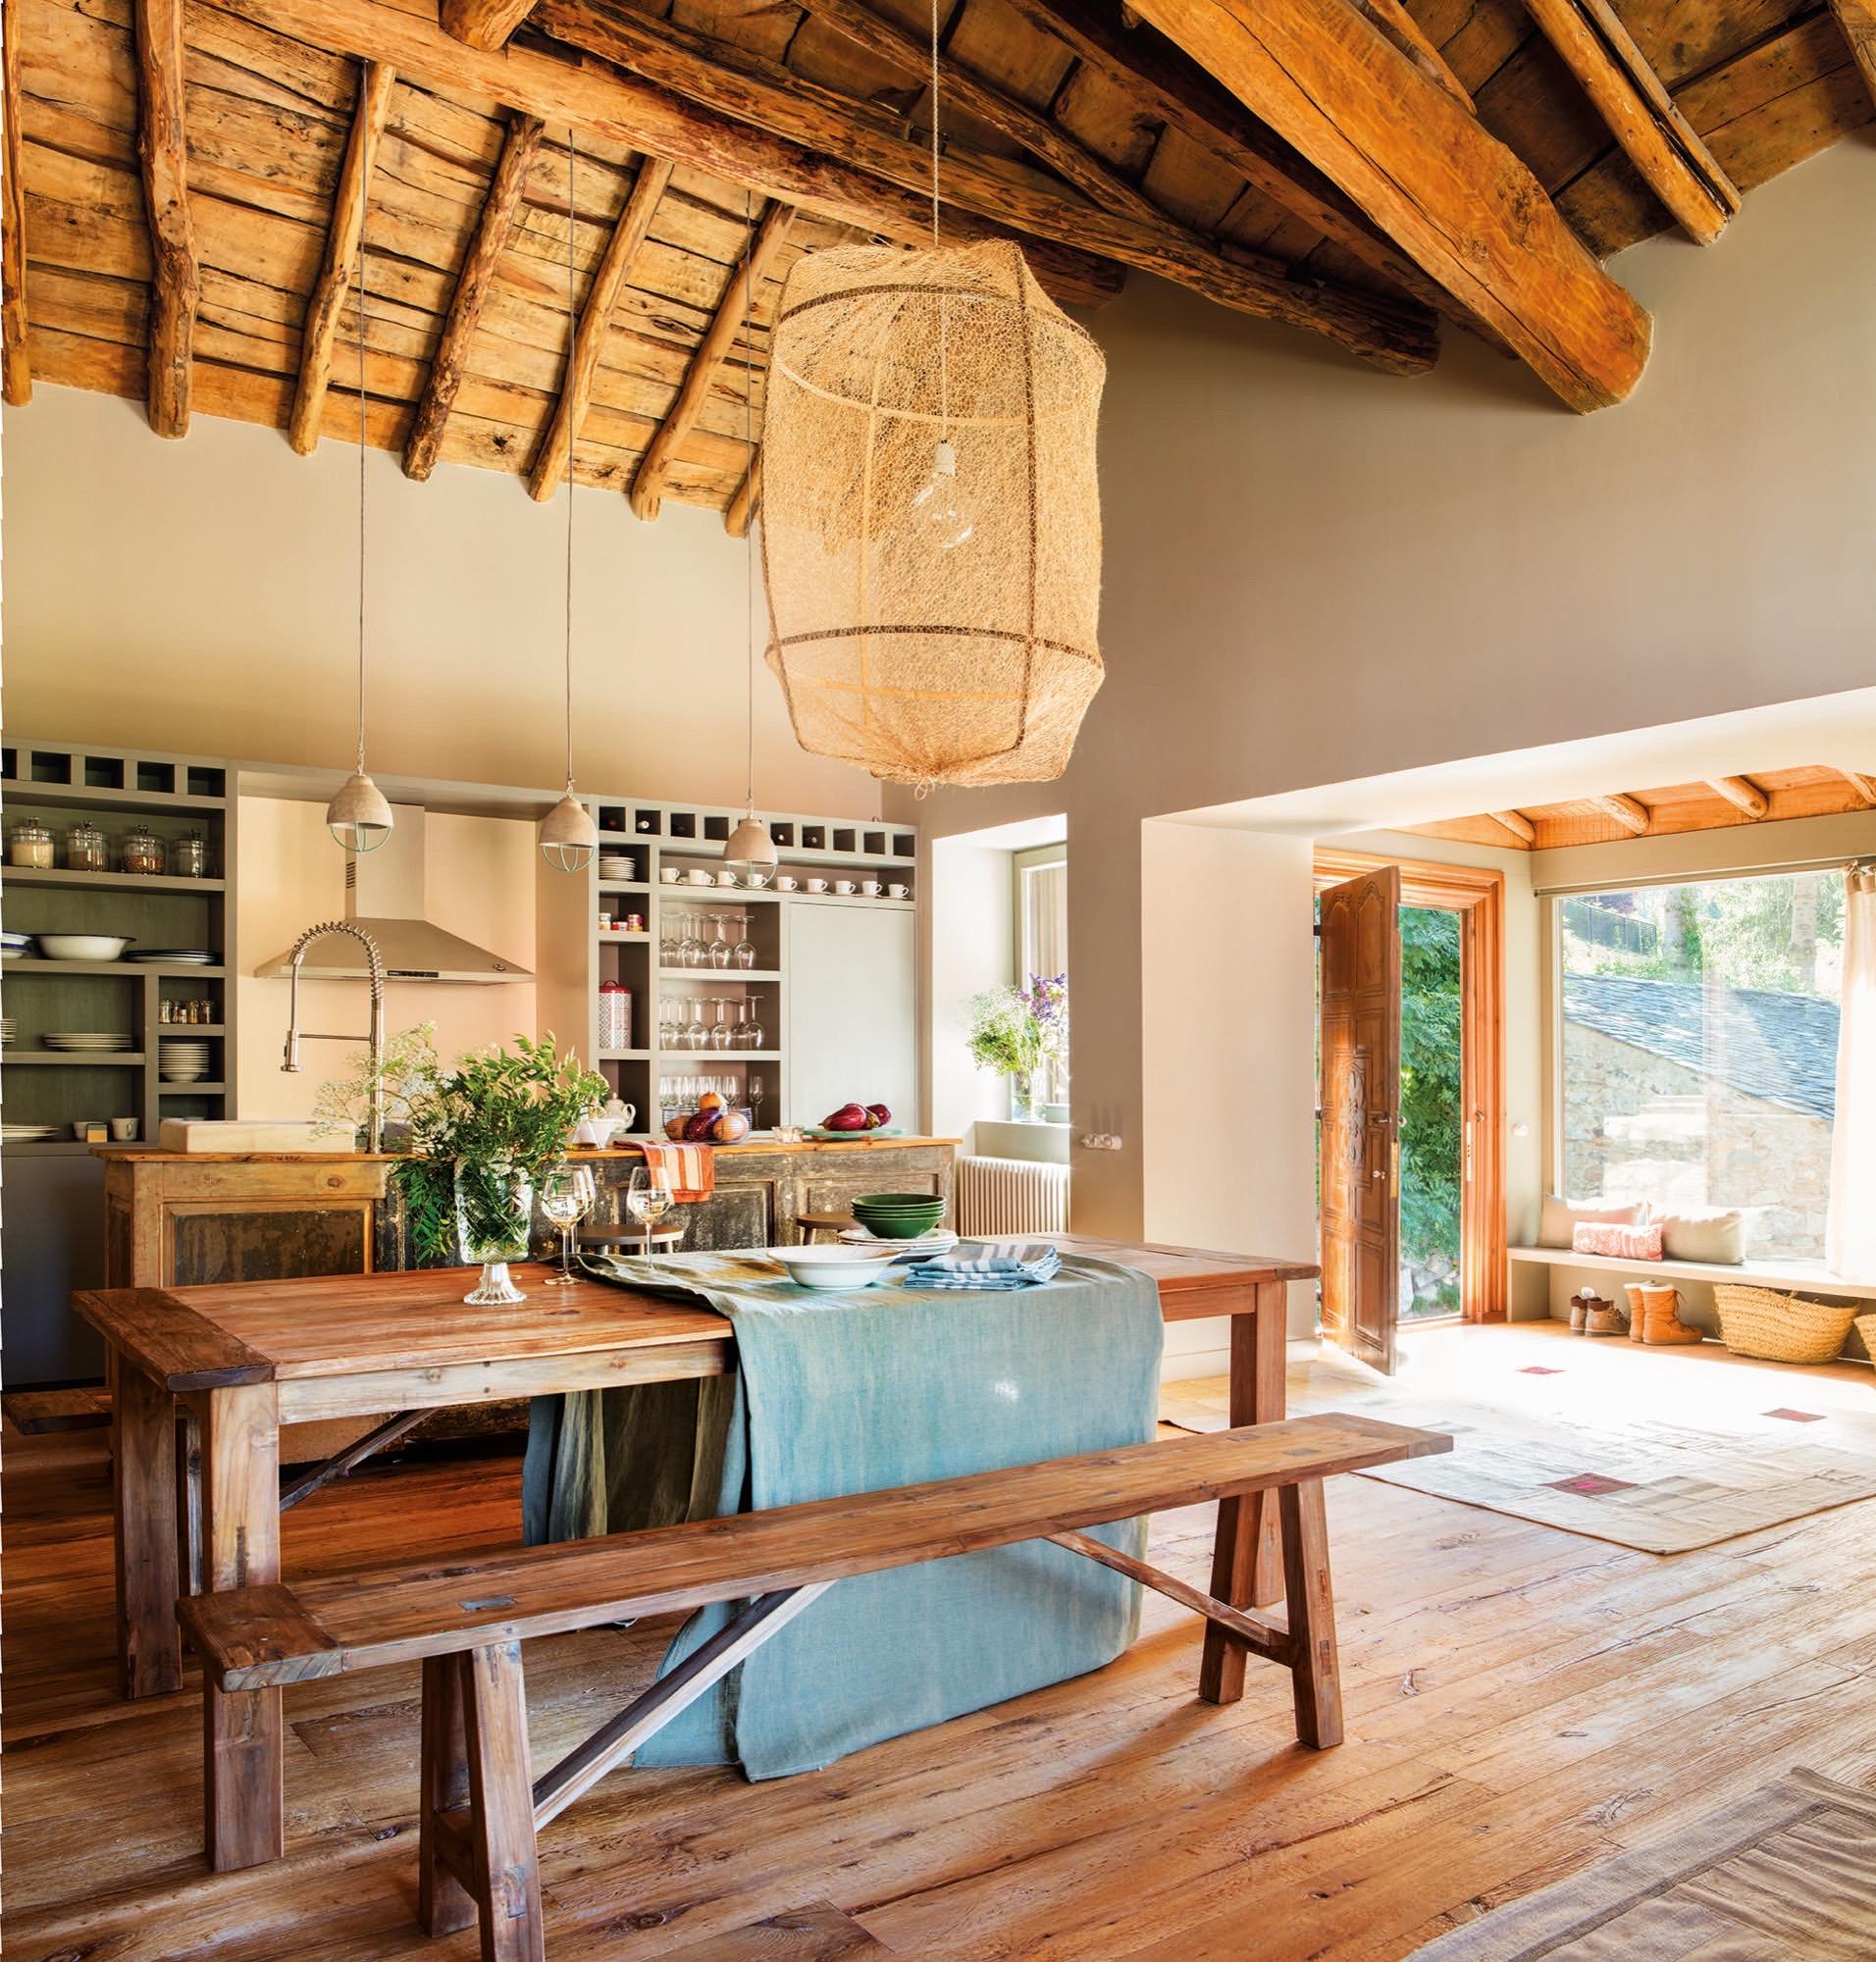 Una casita de monta a en cerler con mucha madera y encanto for Sala 8 y medio alicante